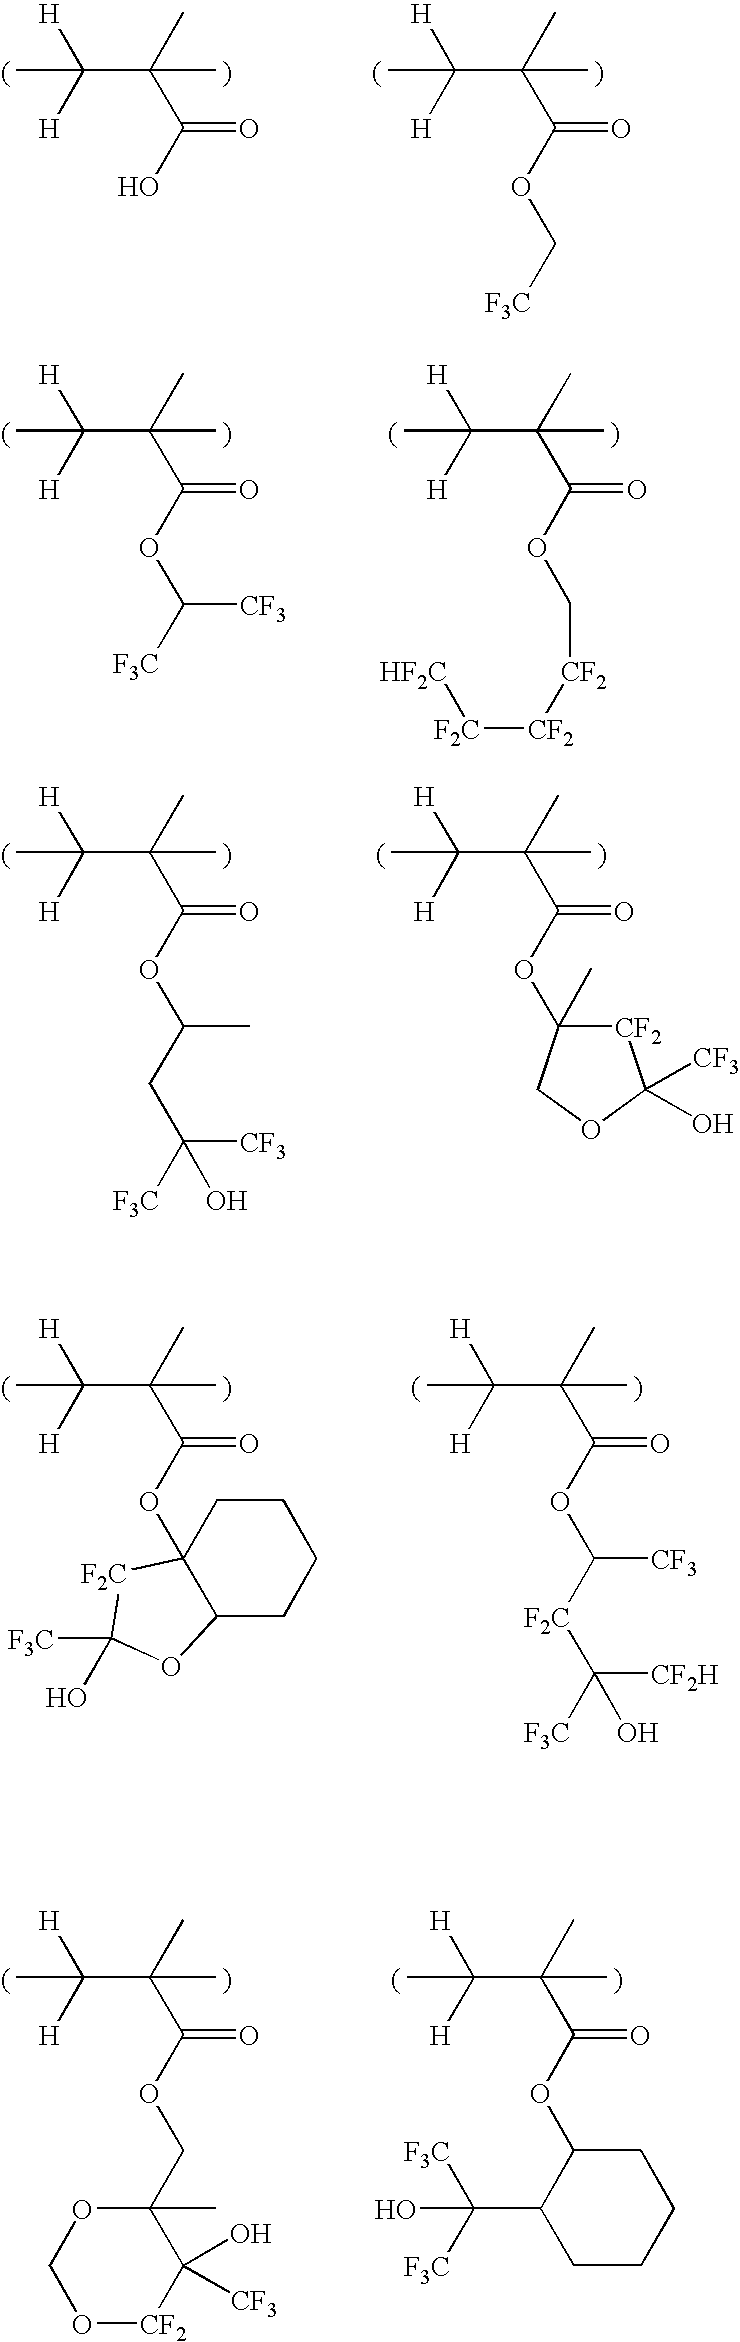 Figure US20080026331A1-20080131-C00063